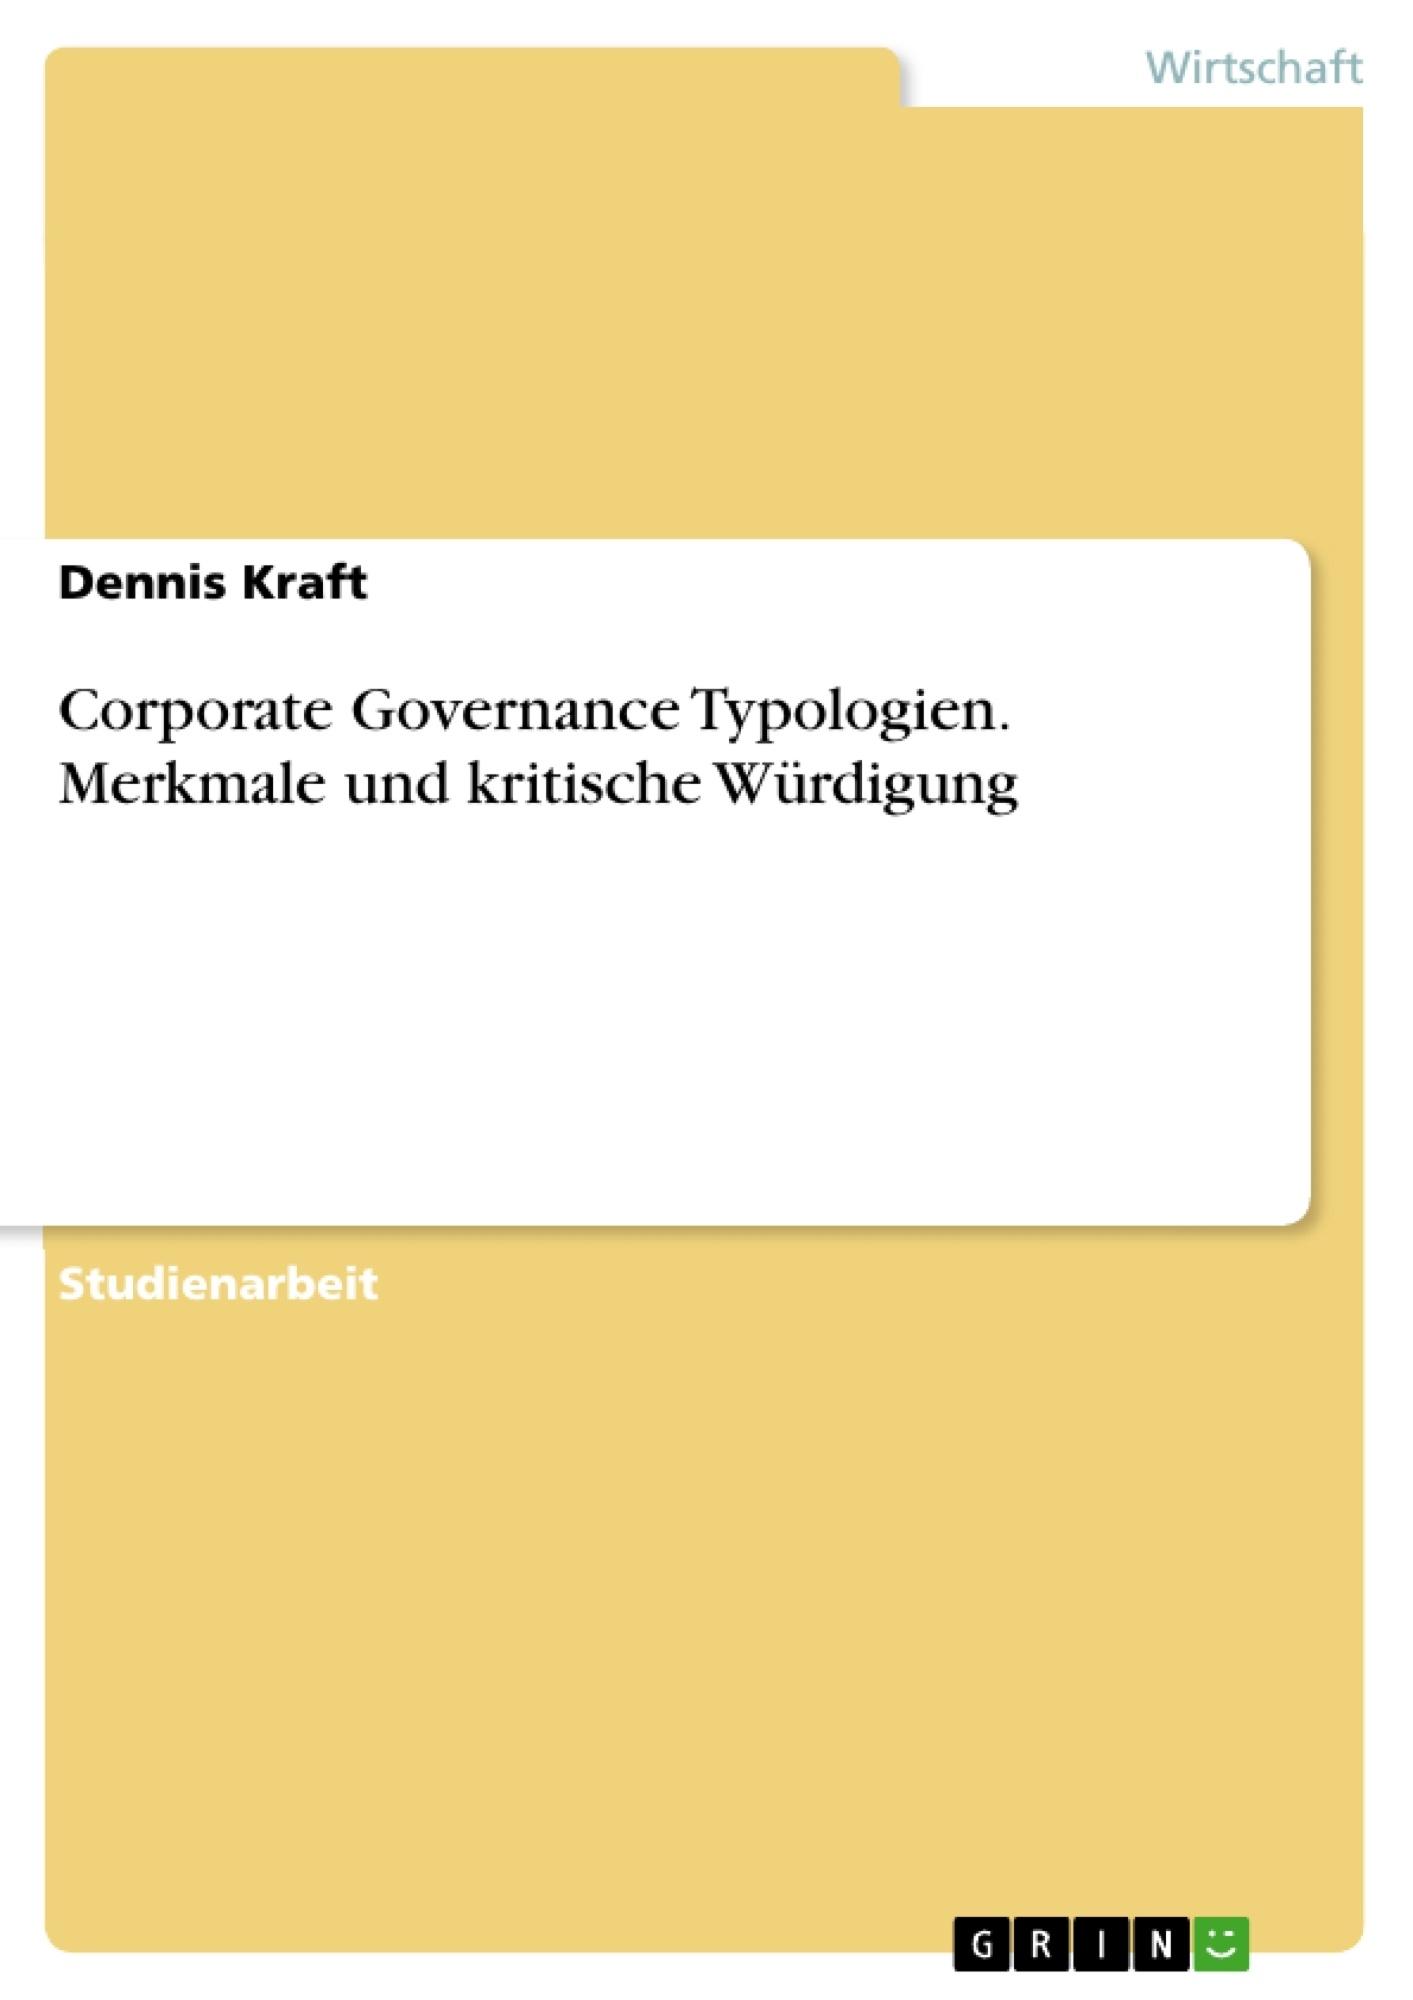 Titel: Corporate Governance Typologien. Merkmale und kritische Würdigung